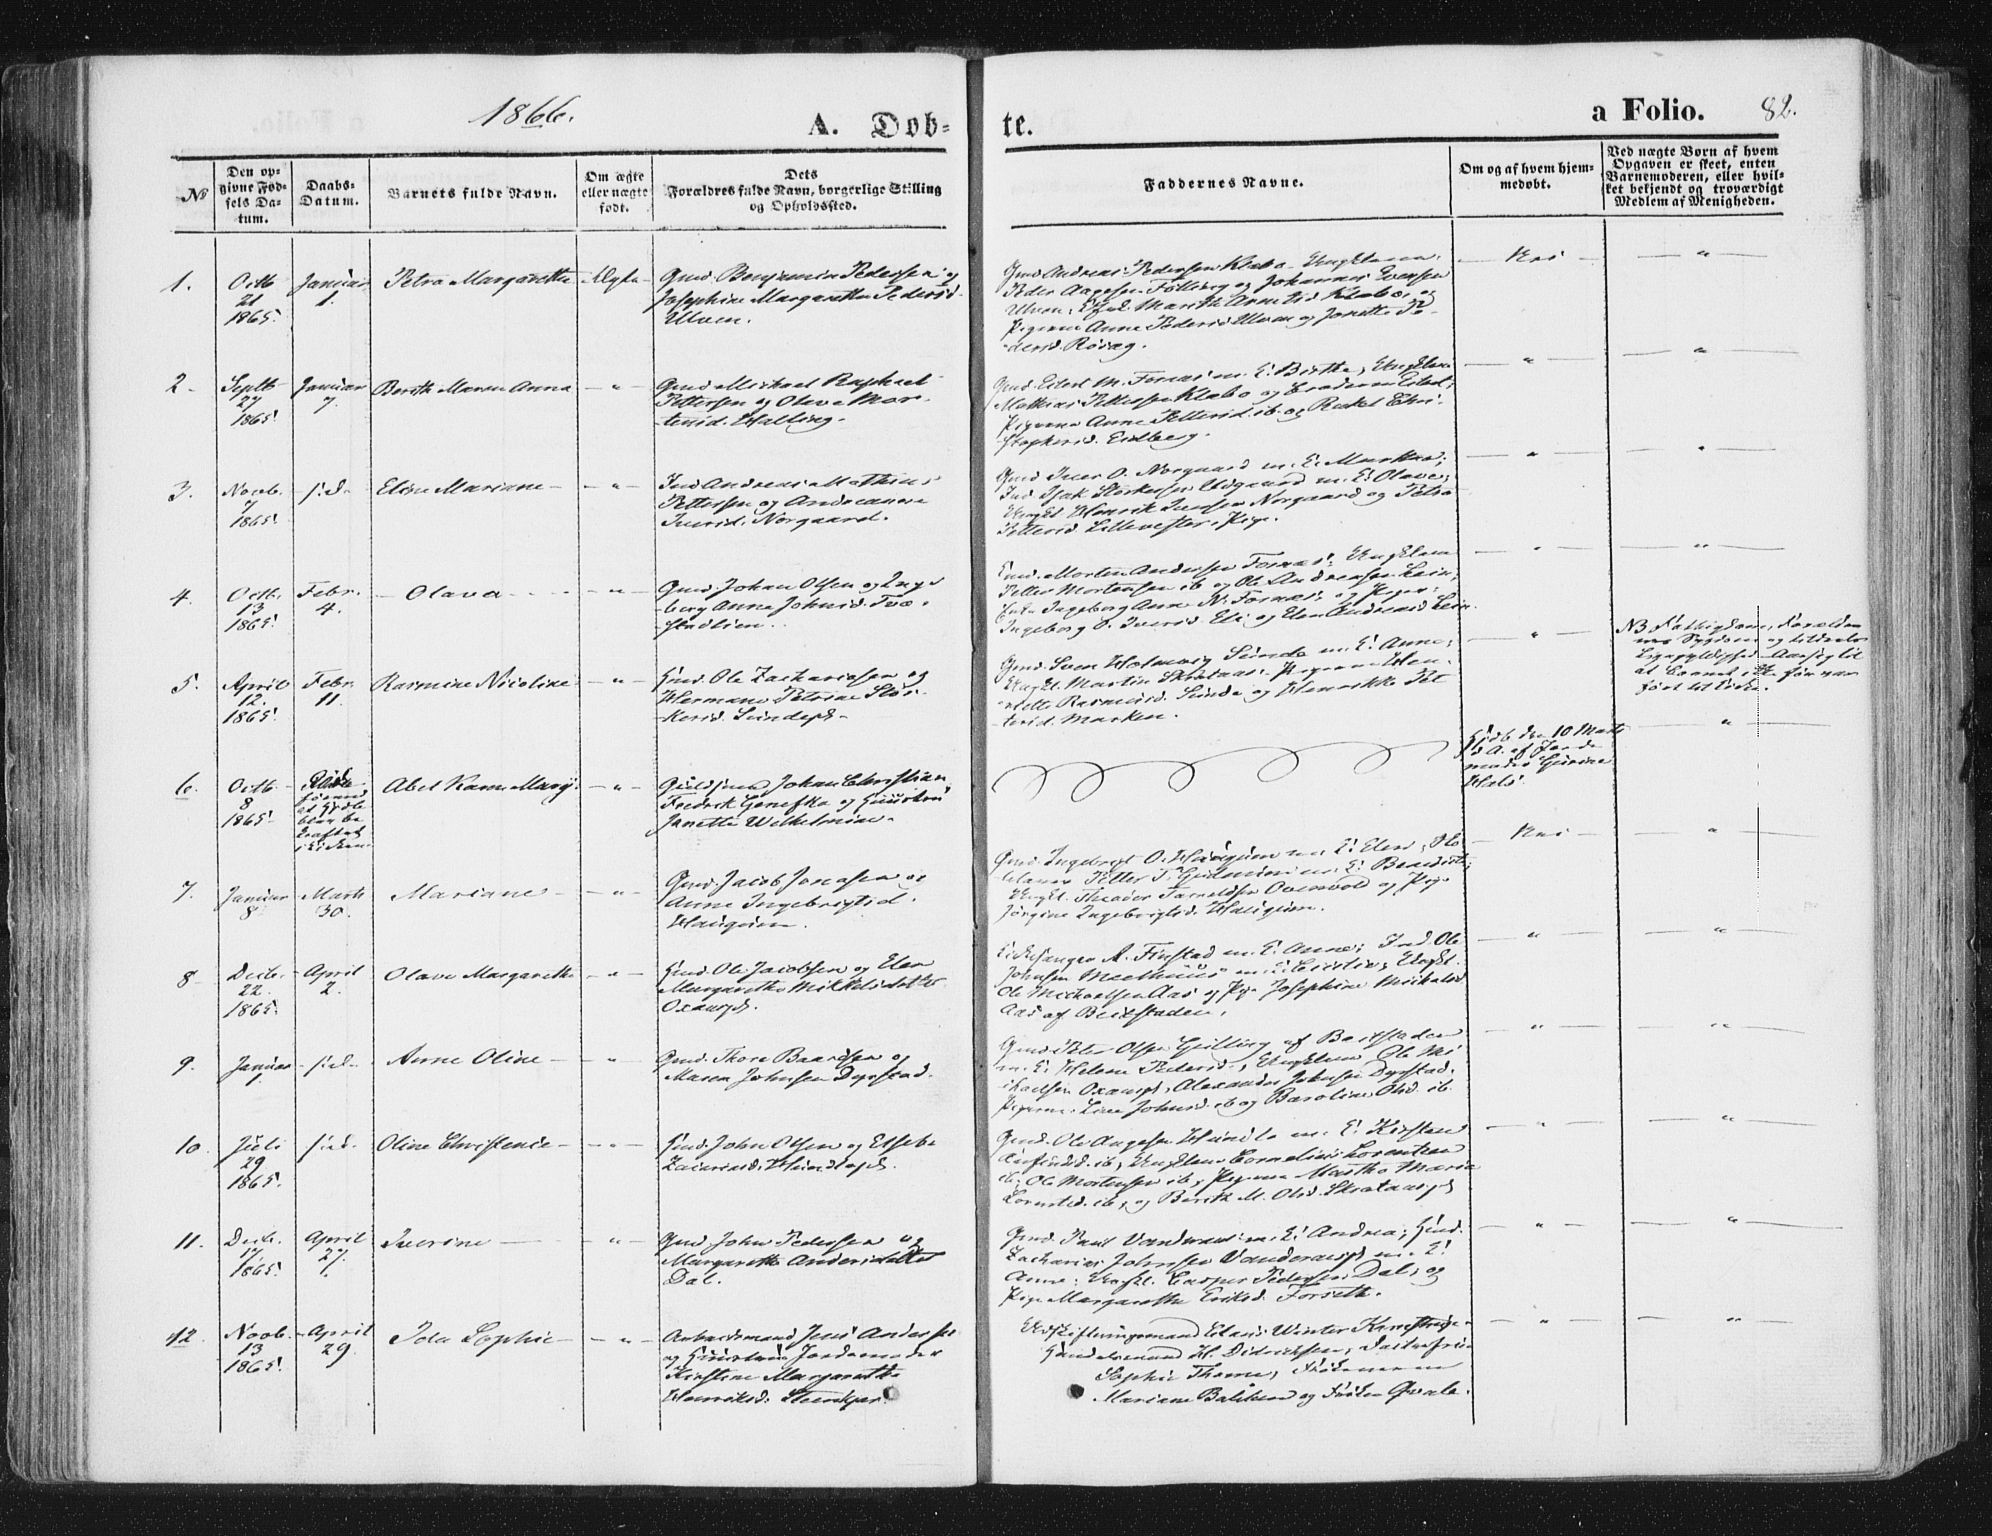 SAT, Ministerialprotokoller, klokkerbøker og fødselsregistre - Nord-Trøndelag, 746/L0447: Ministerialbok nr. 746A06, 1860-1877, s. 82